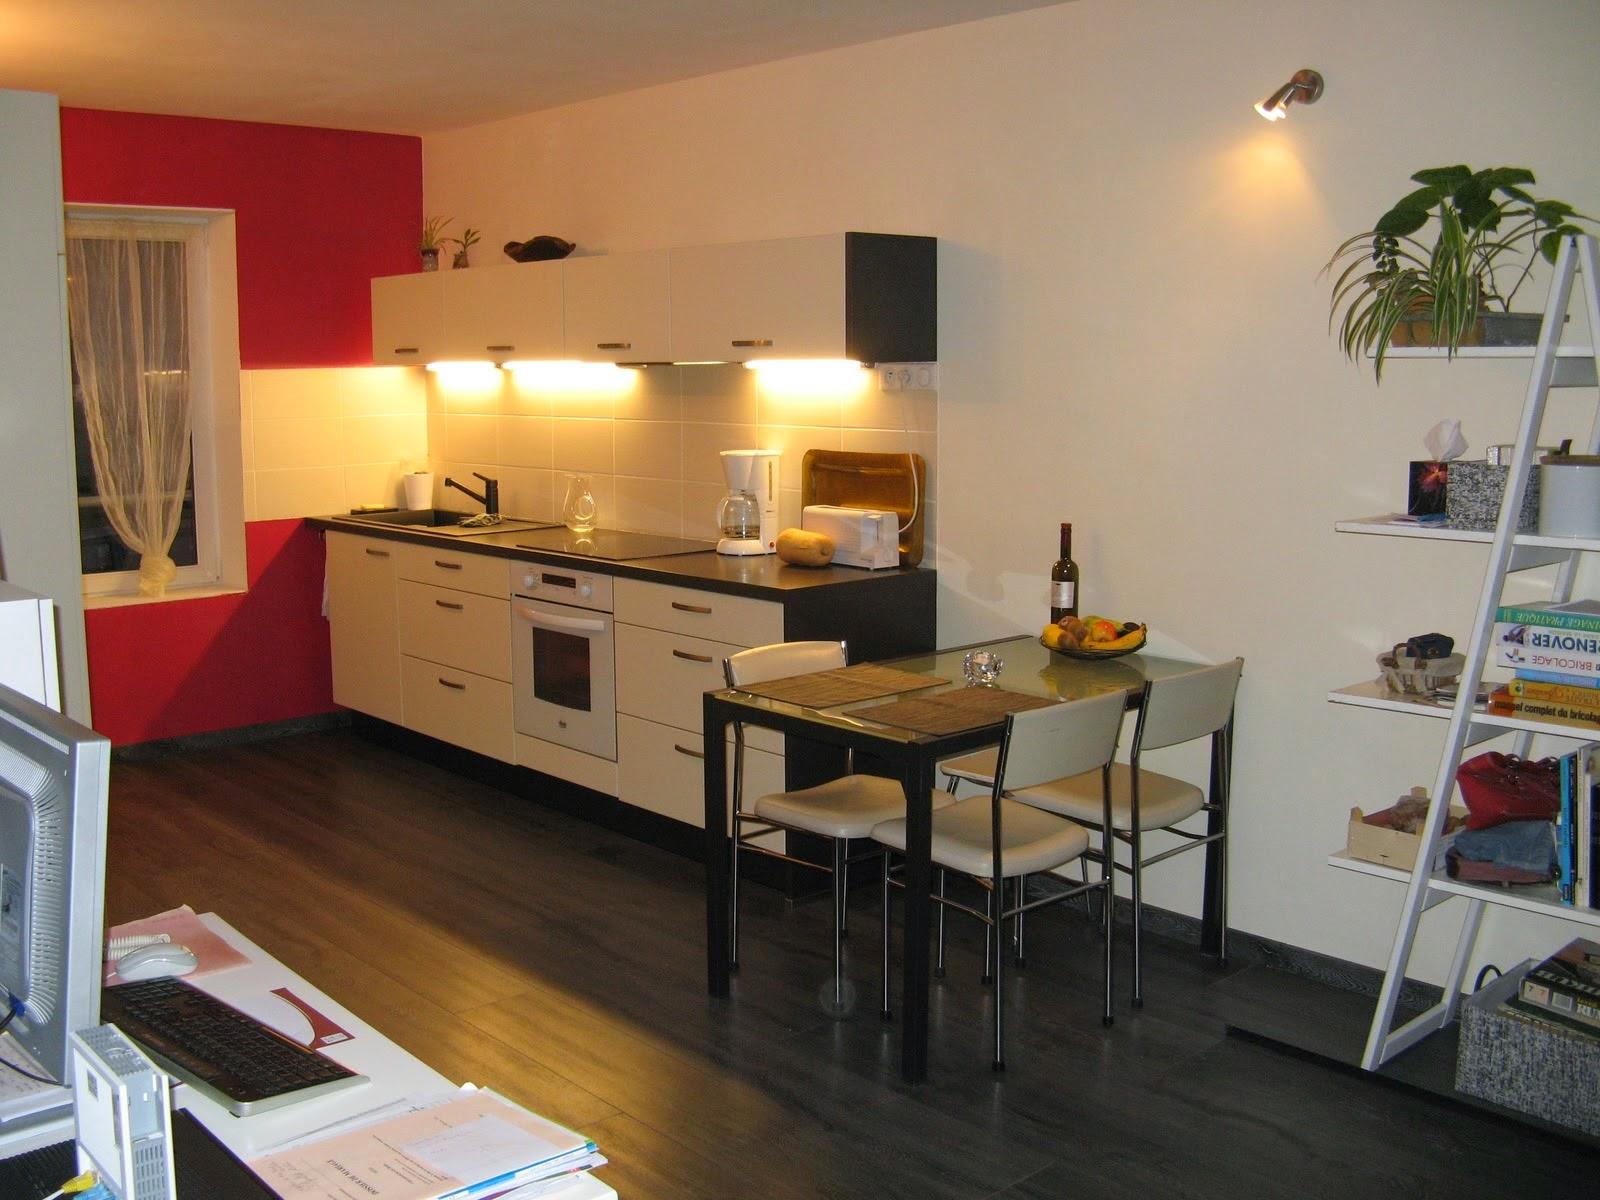 Renovation travaux peinture cuisine paris l 39 artisan peintre lehmanerenove for Peinture renovation cuisine